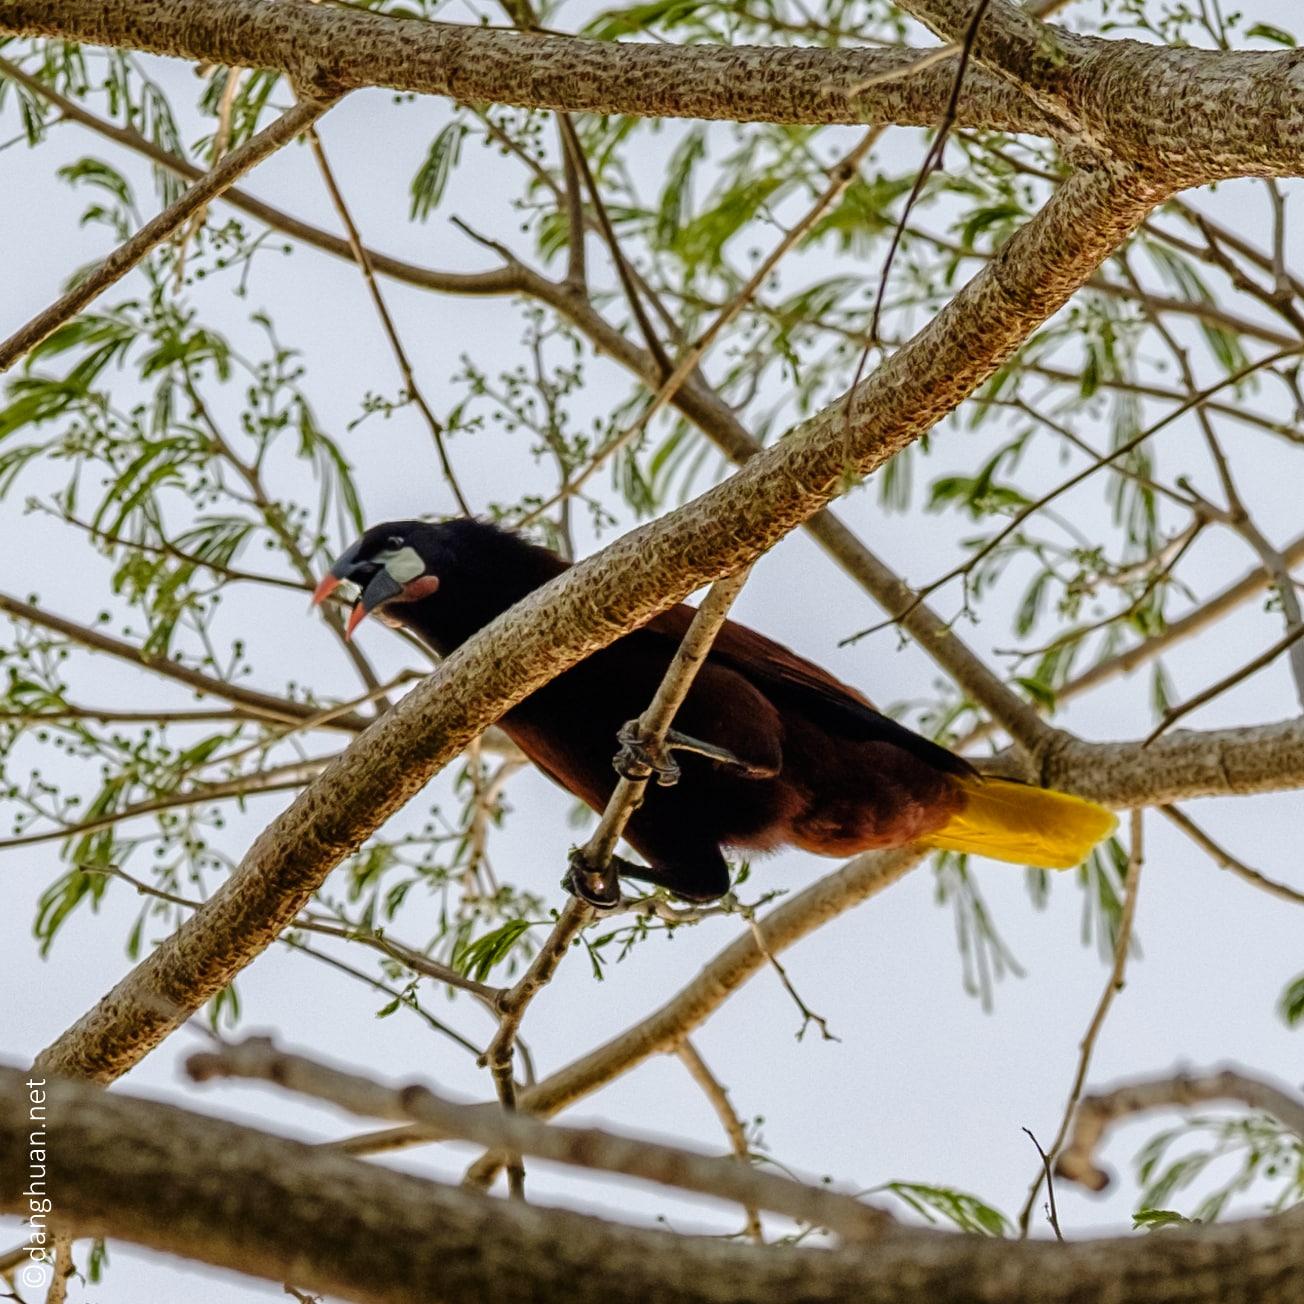 Oropendola - genres d'oiseaux de passereaux du Sud et de l'Amérique centrale dans la famille des Icteridae New World Blackbird